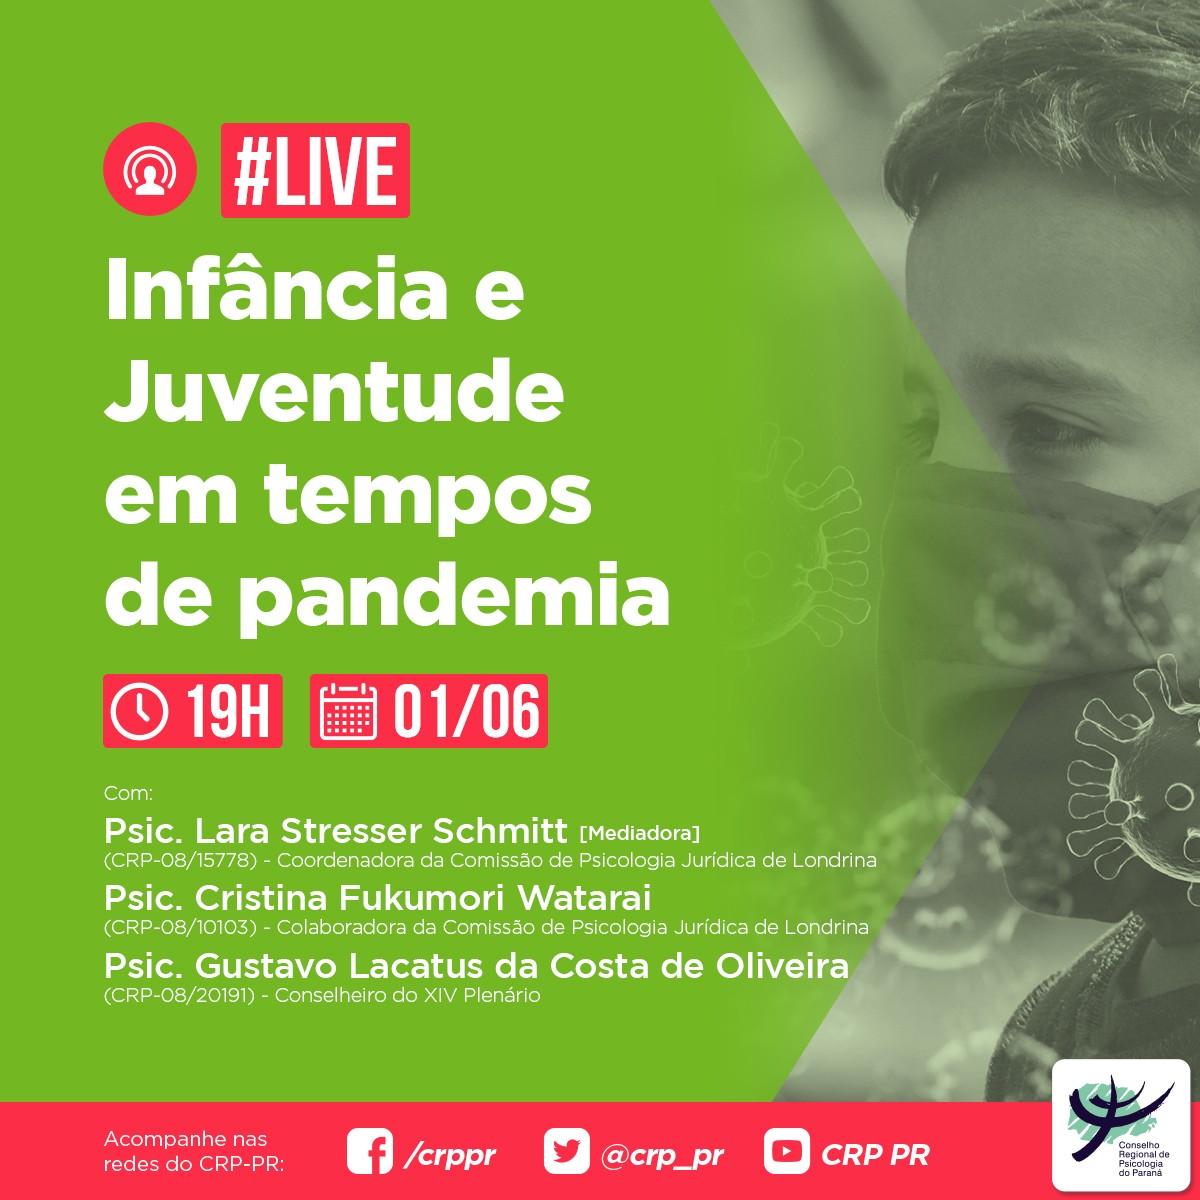 Live | Infância e Juventude em tempos de pandemia